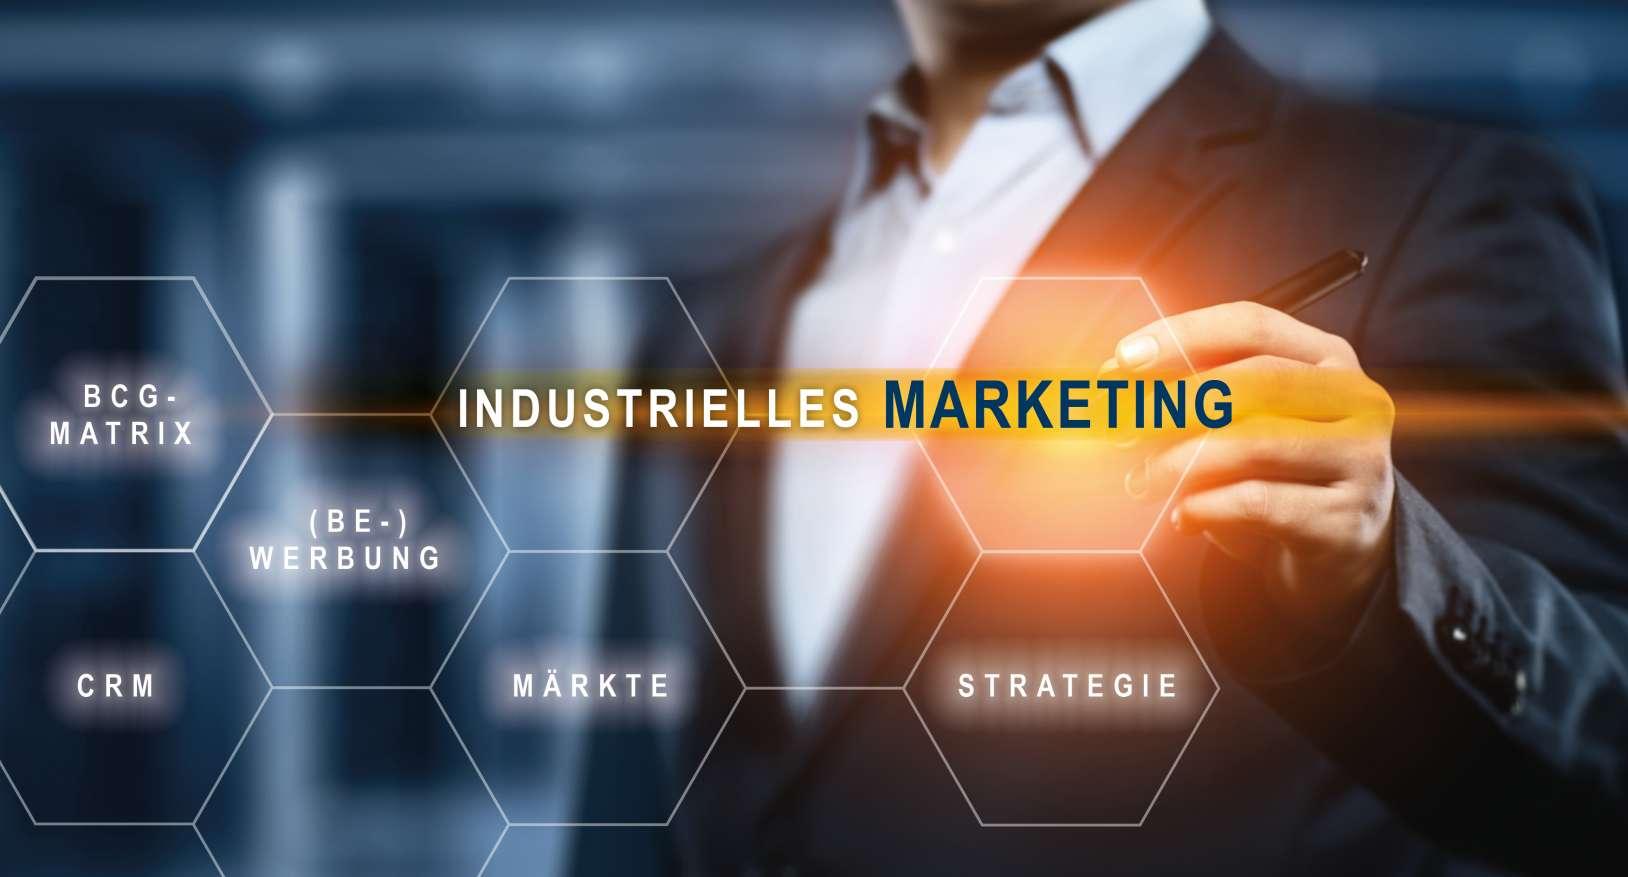 Effektive Marktbearbeitung im Technischen B2B-Vertrieb bedeutet strategisch zu planen, geeignete Business Modelle zu generieren und den Marketing-Mix wirkungsvoll zu gestalten